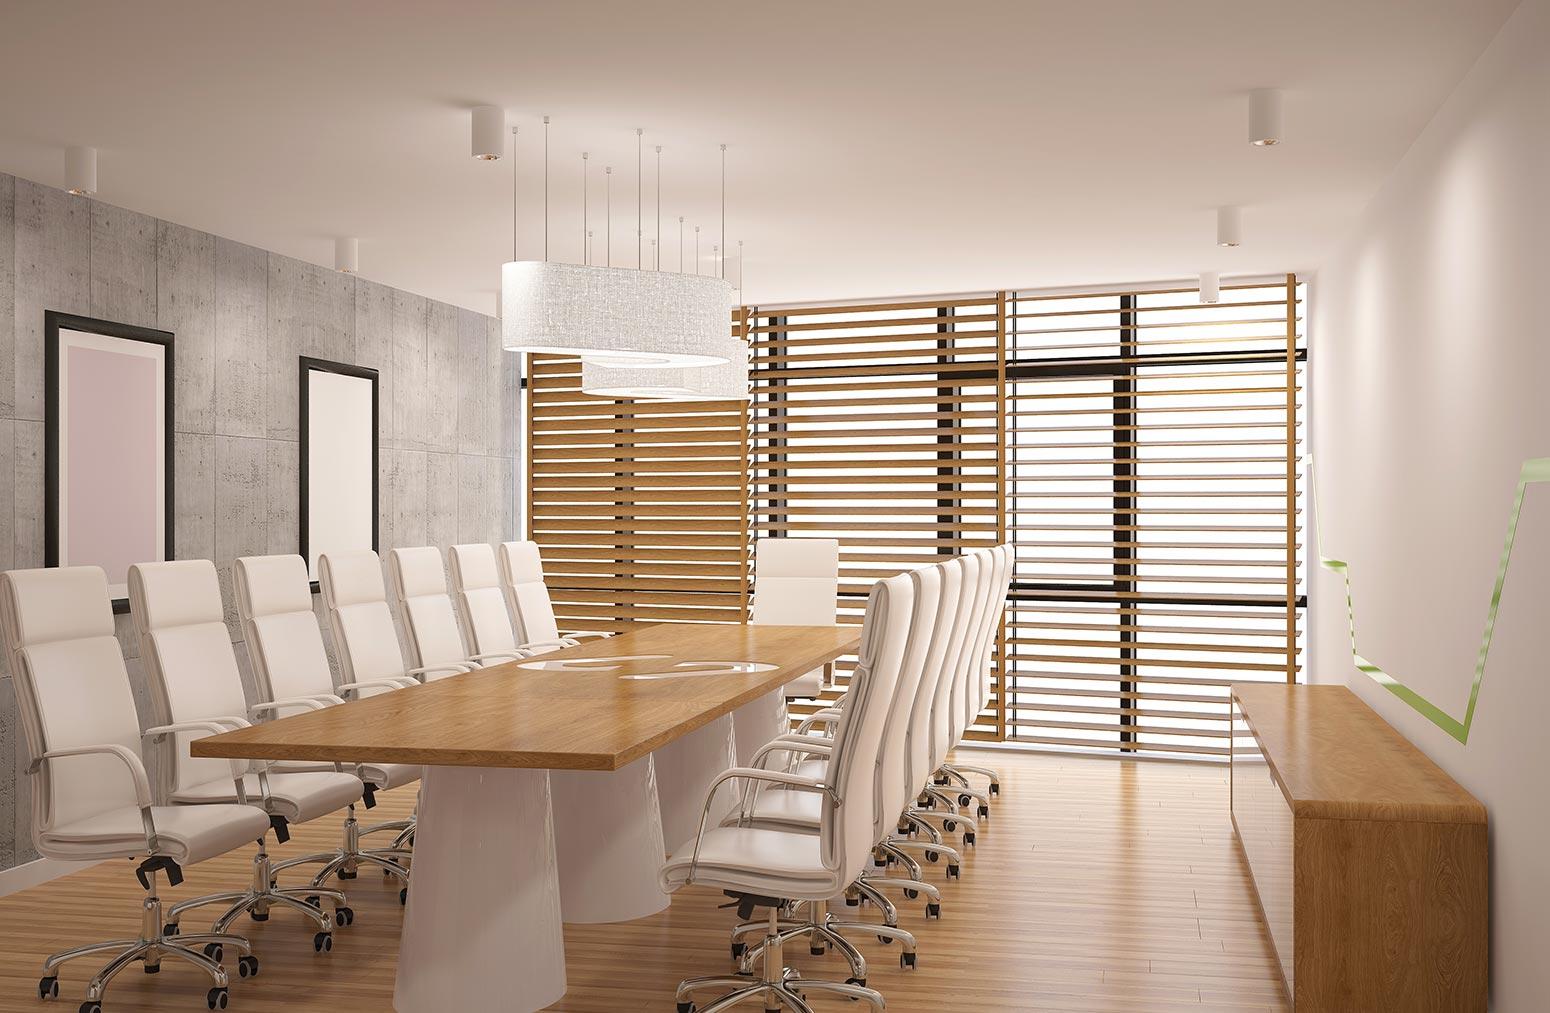 Ventajas de usar persianas en la oficina